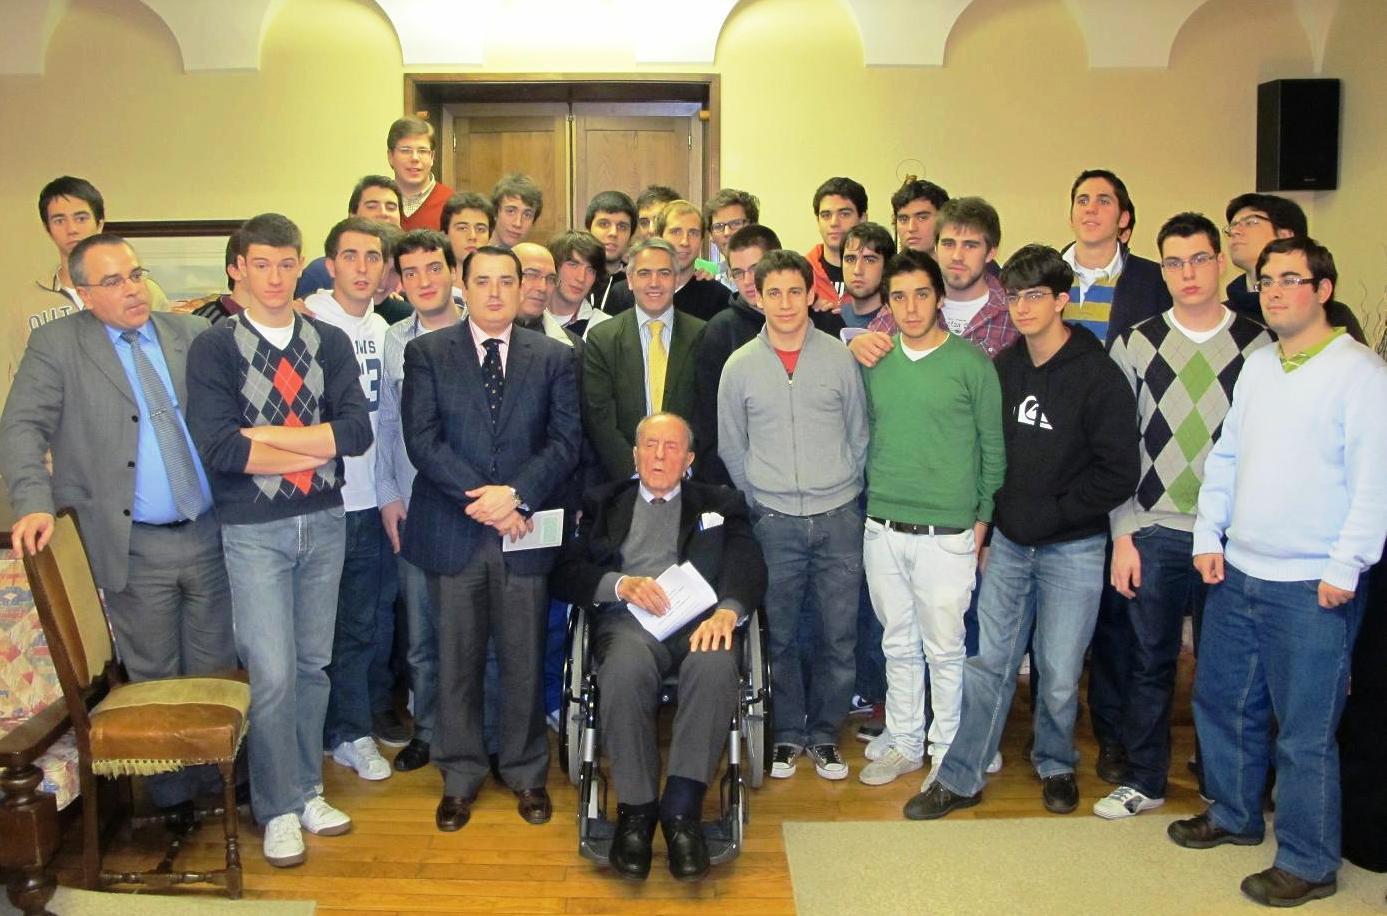 Universitario solidarios organizan un festival de teatro en la Escuela Infantil del Hospital Clínico Universitario de Santiago de Compostela